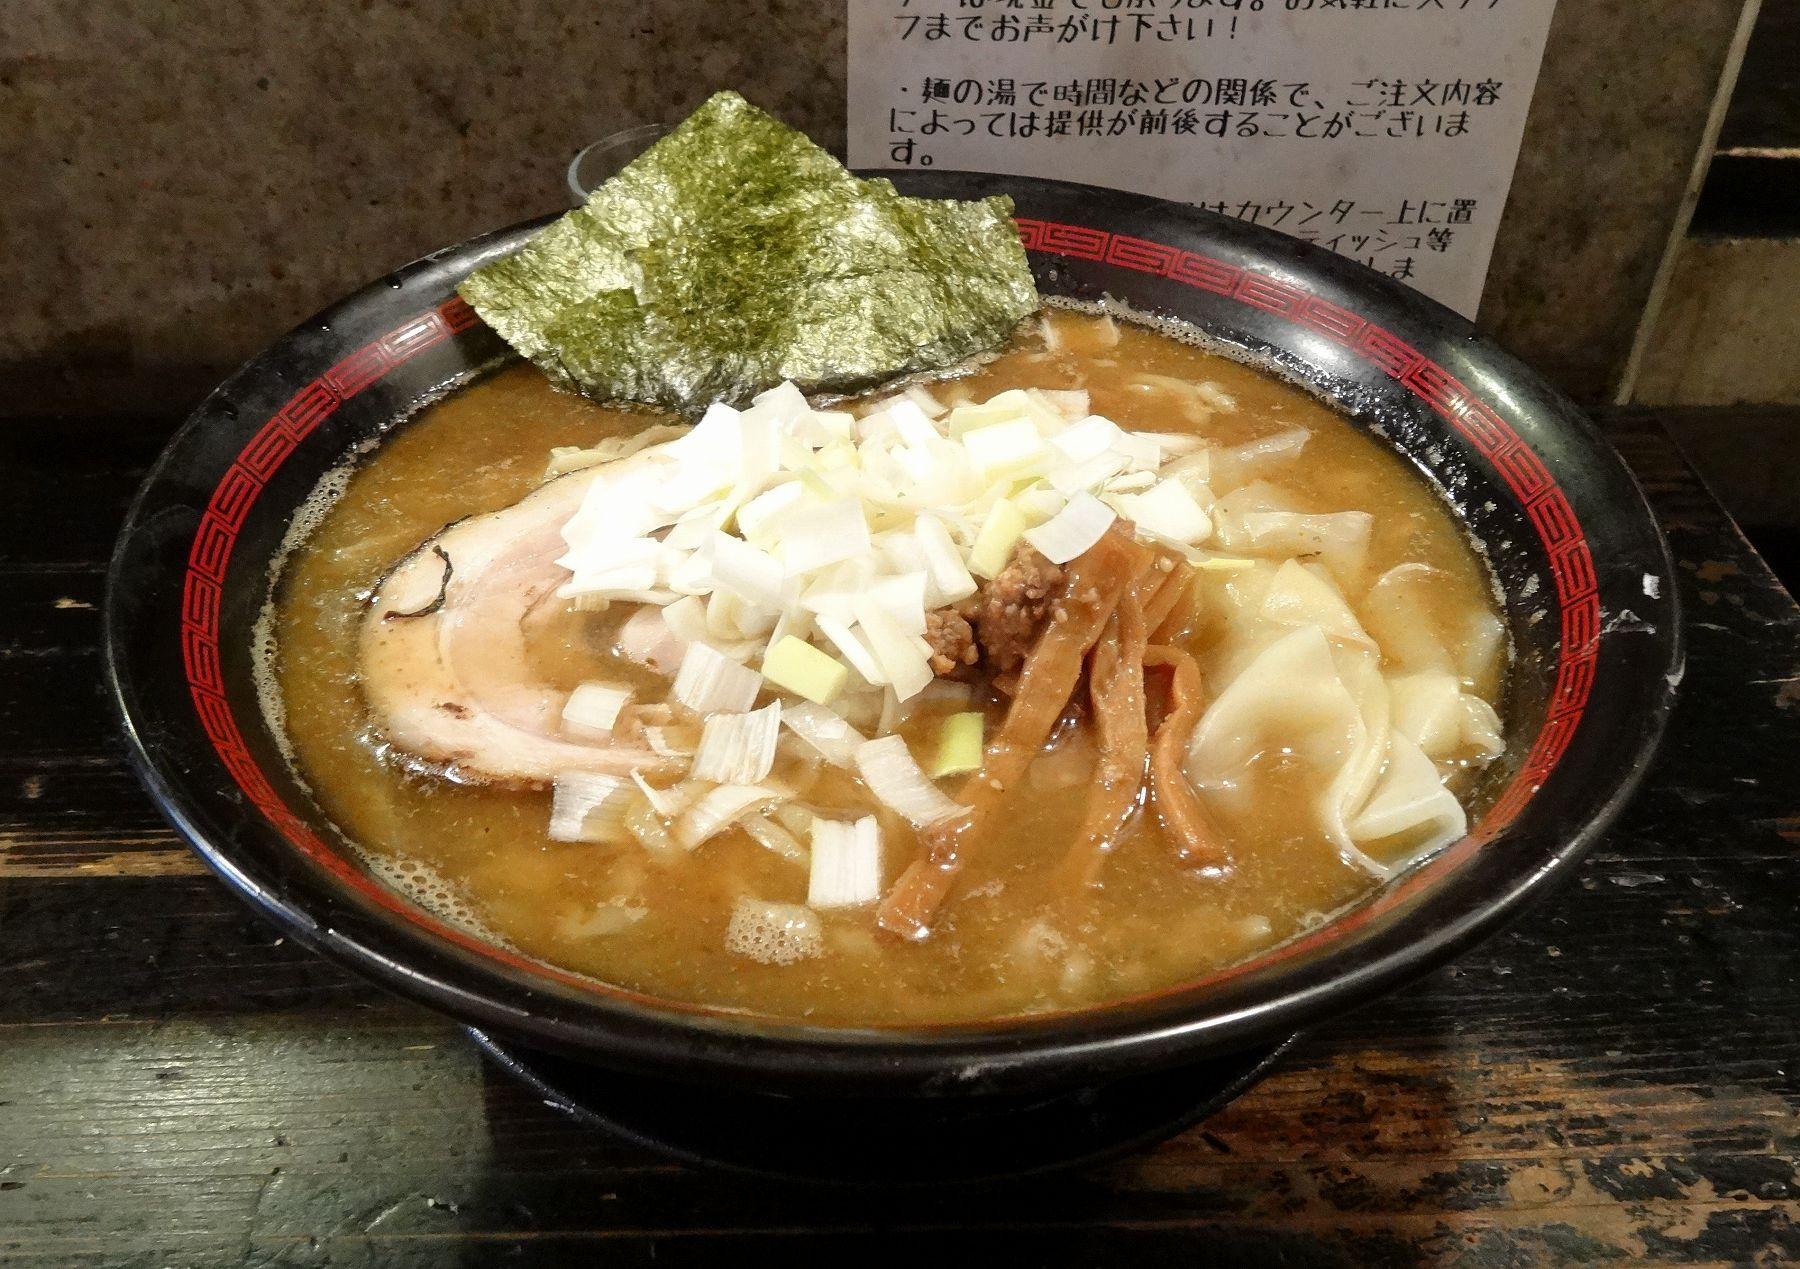 20120814003nagi nishishinjuku